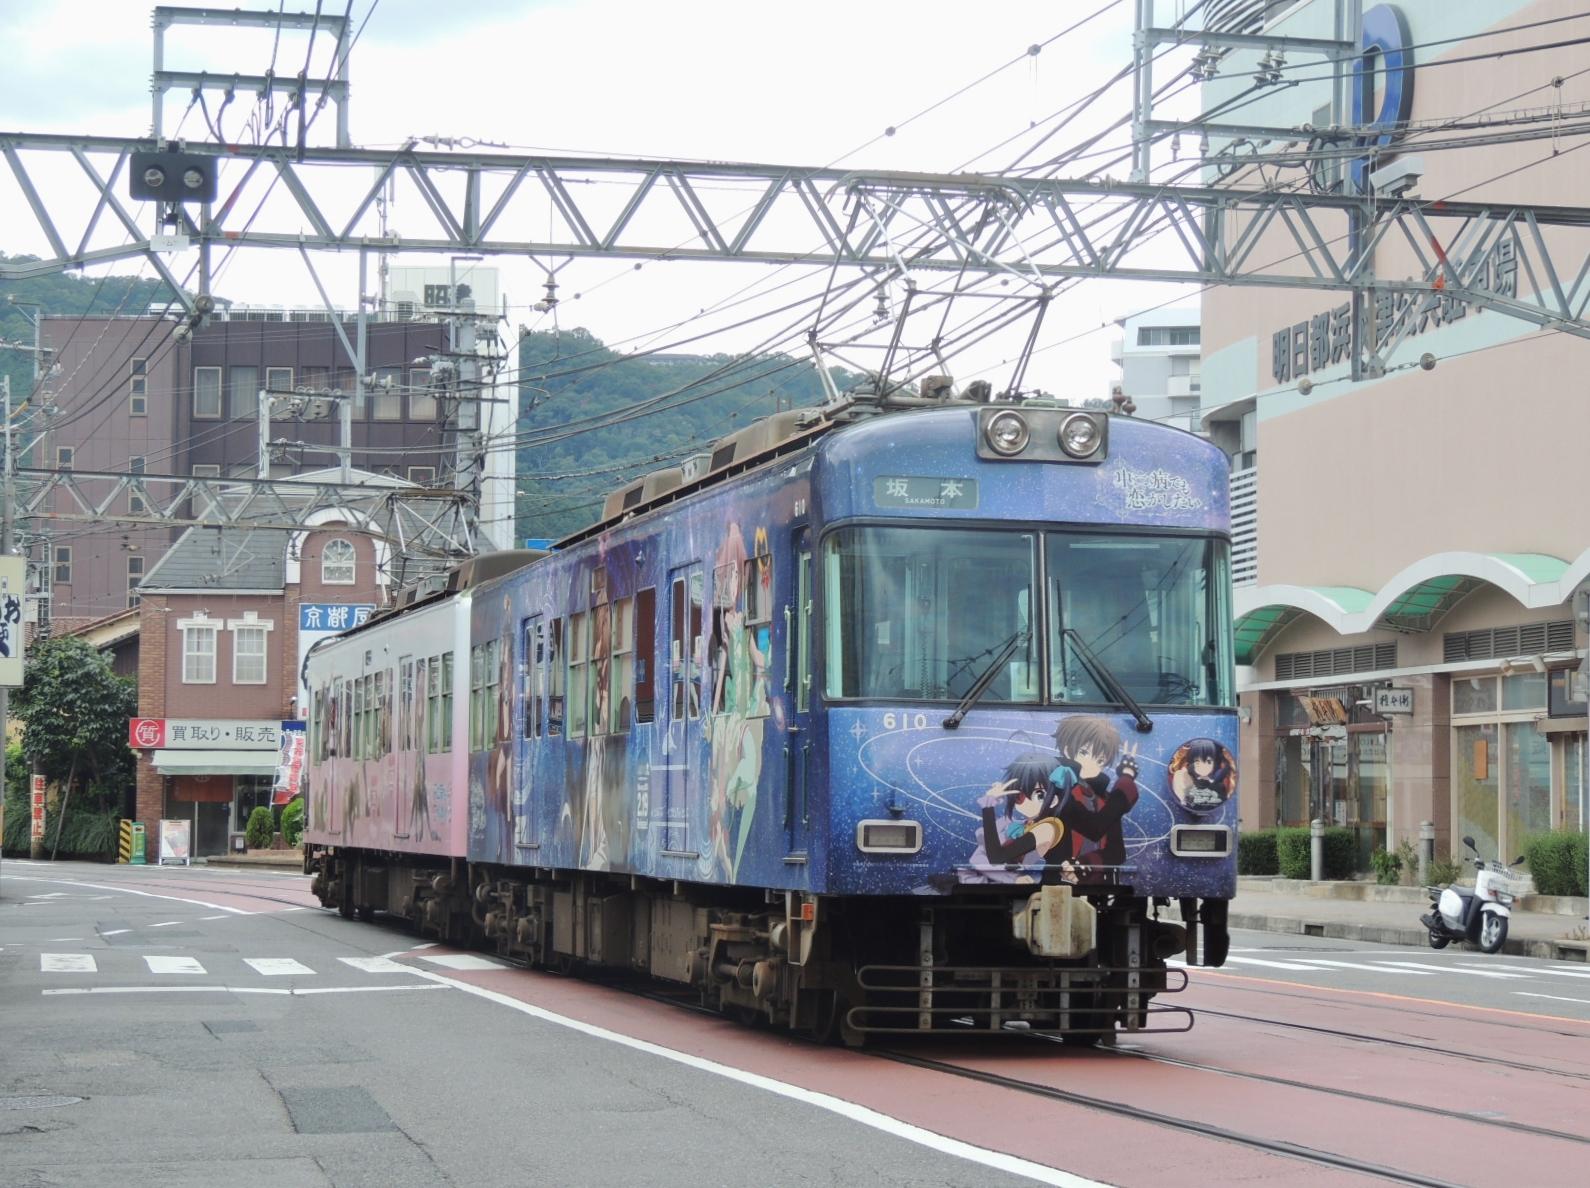 DSCN9209.jpg